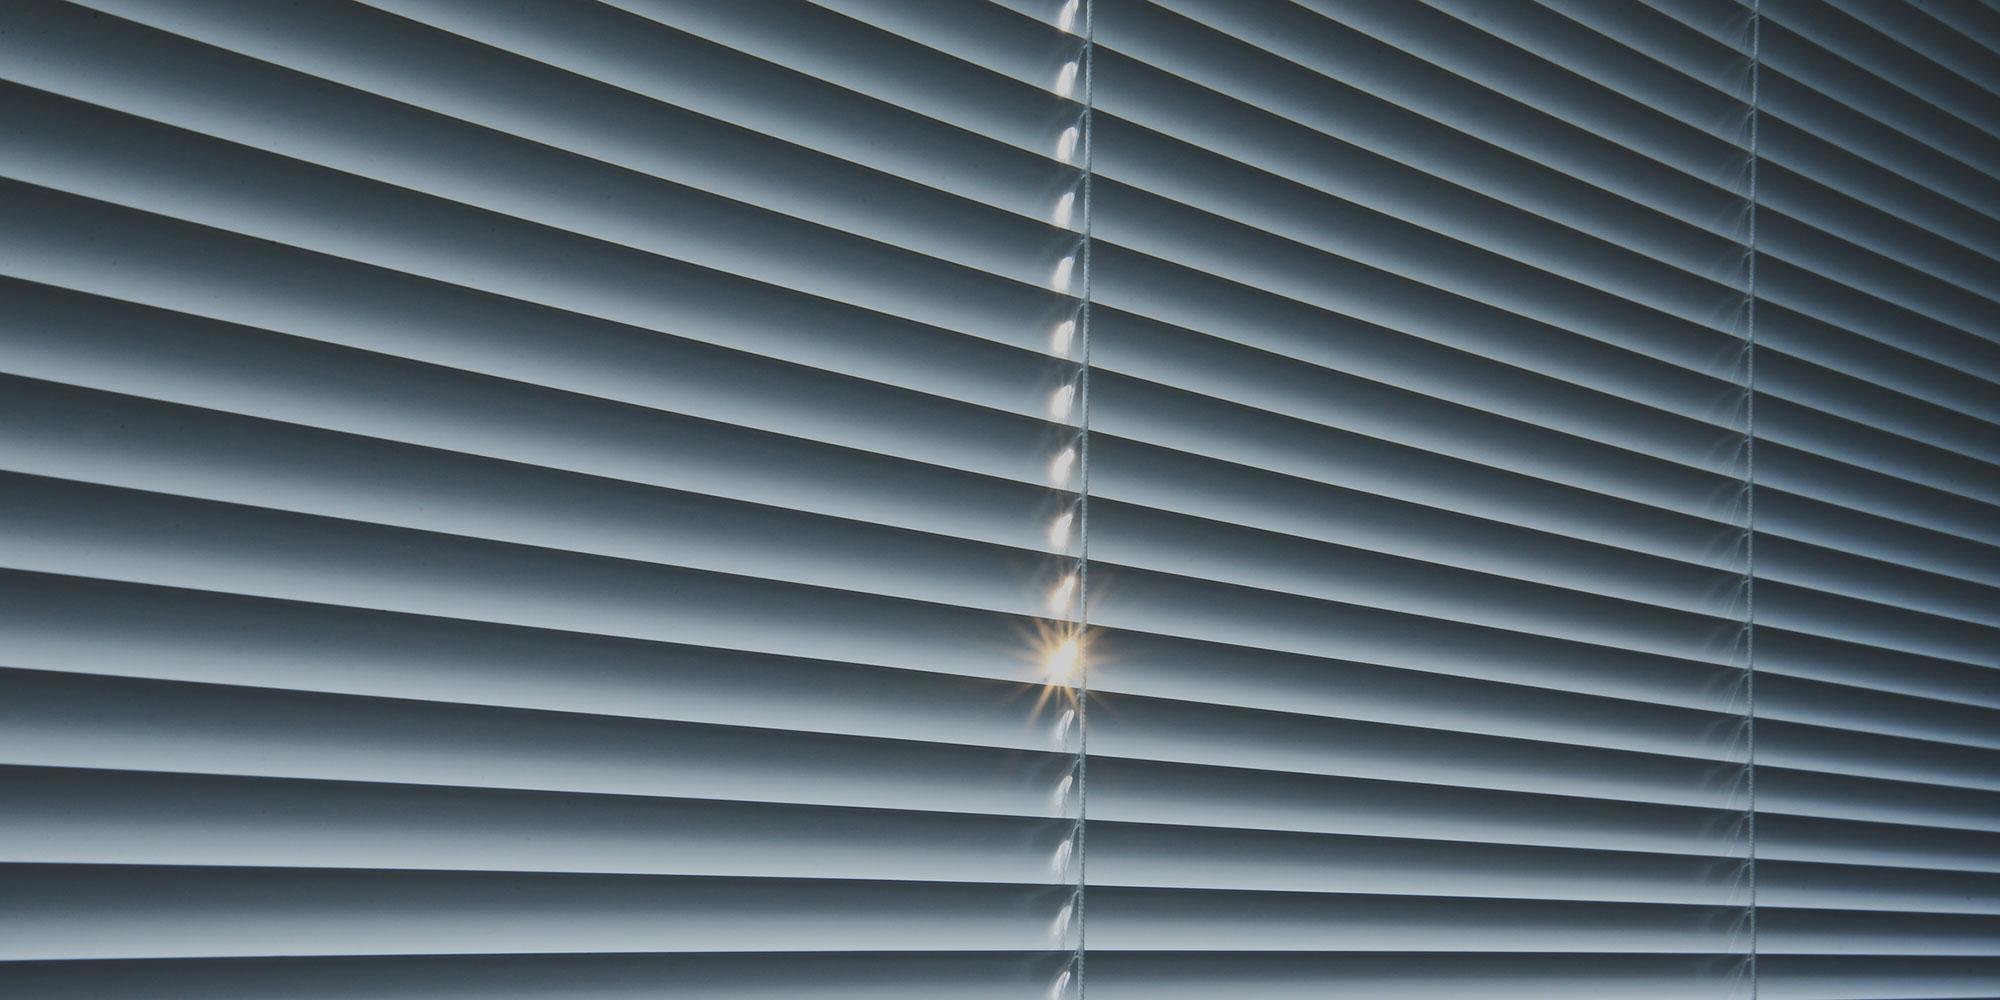 Willkommen Bei Sw Rollladen Fenster Rollladen